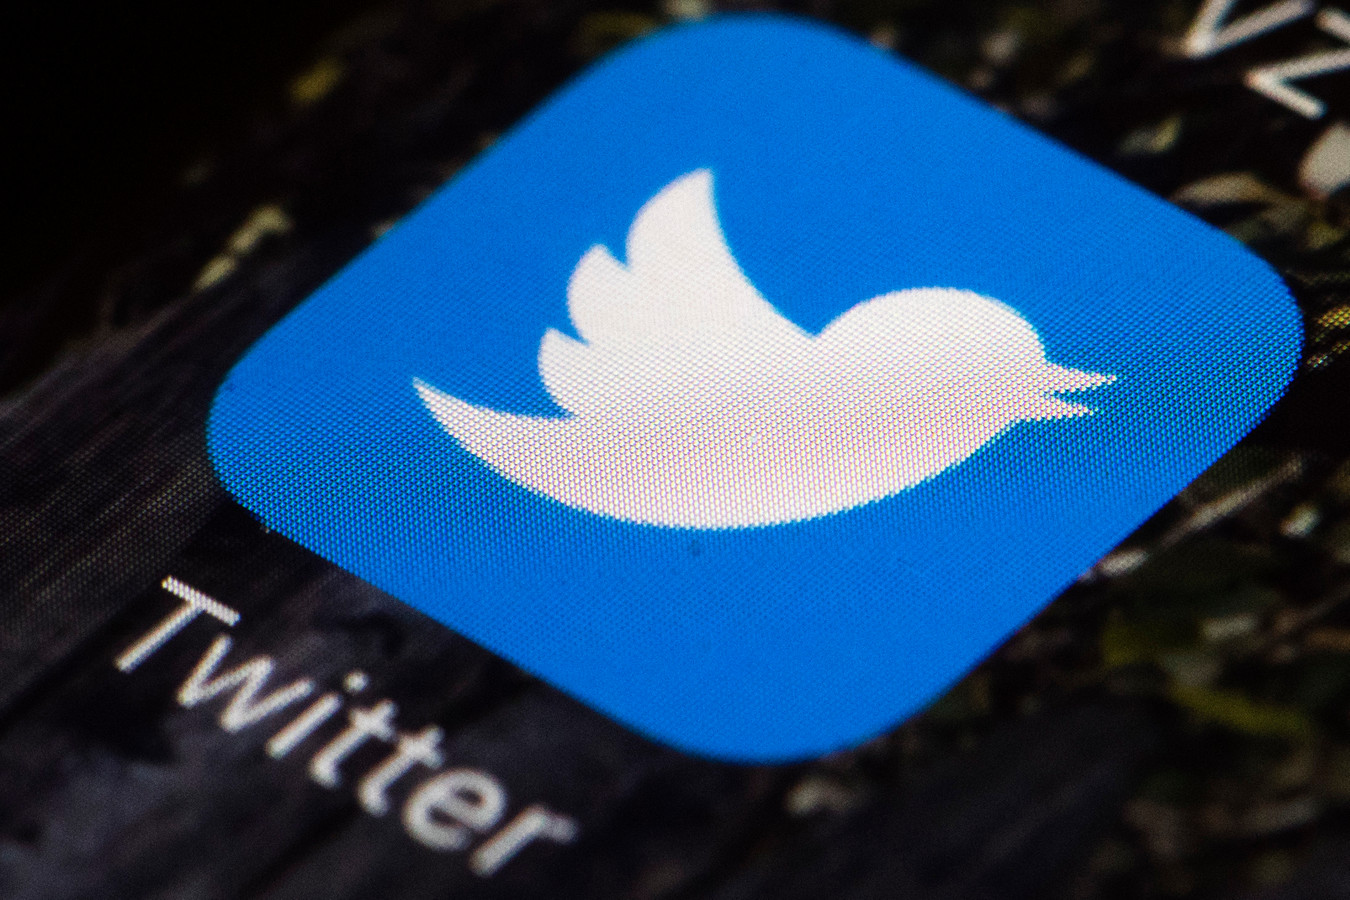 Gebruikers wereldwijd kwamen het platform Twitter vandaag niet meer op.